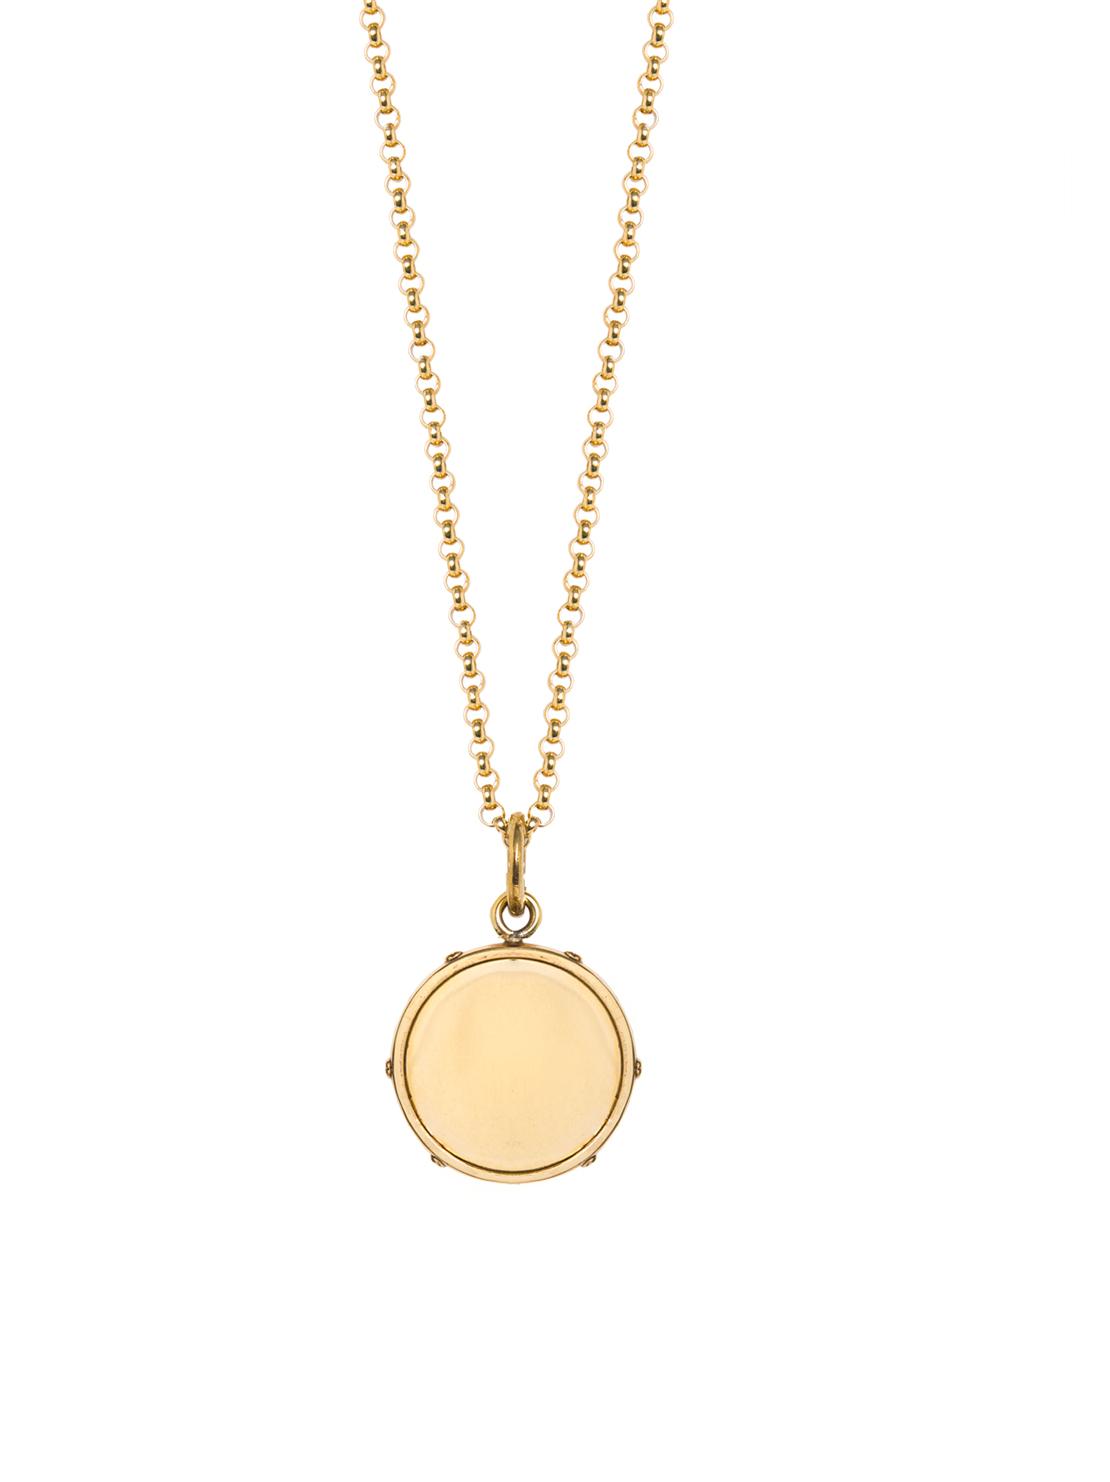 Medium Gold Disc On Belcher Chain